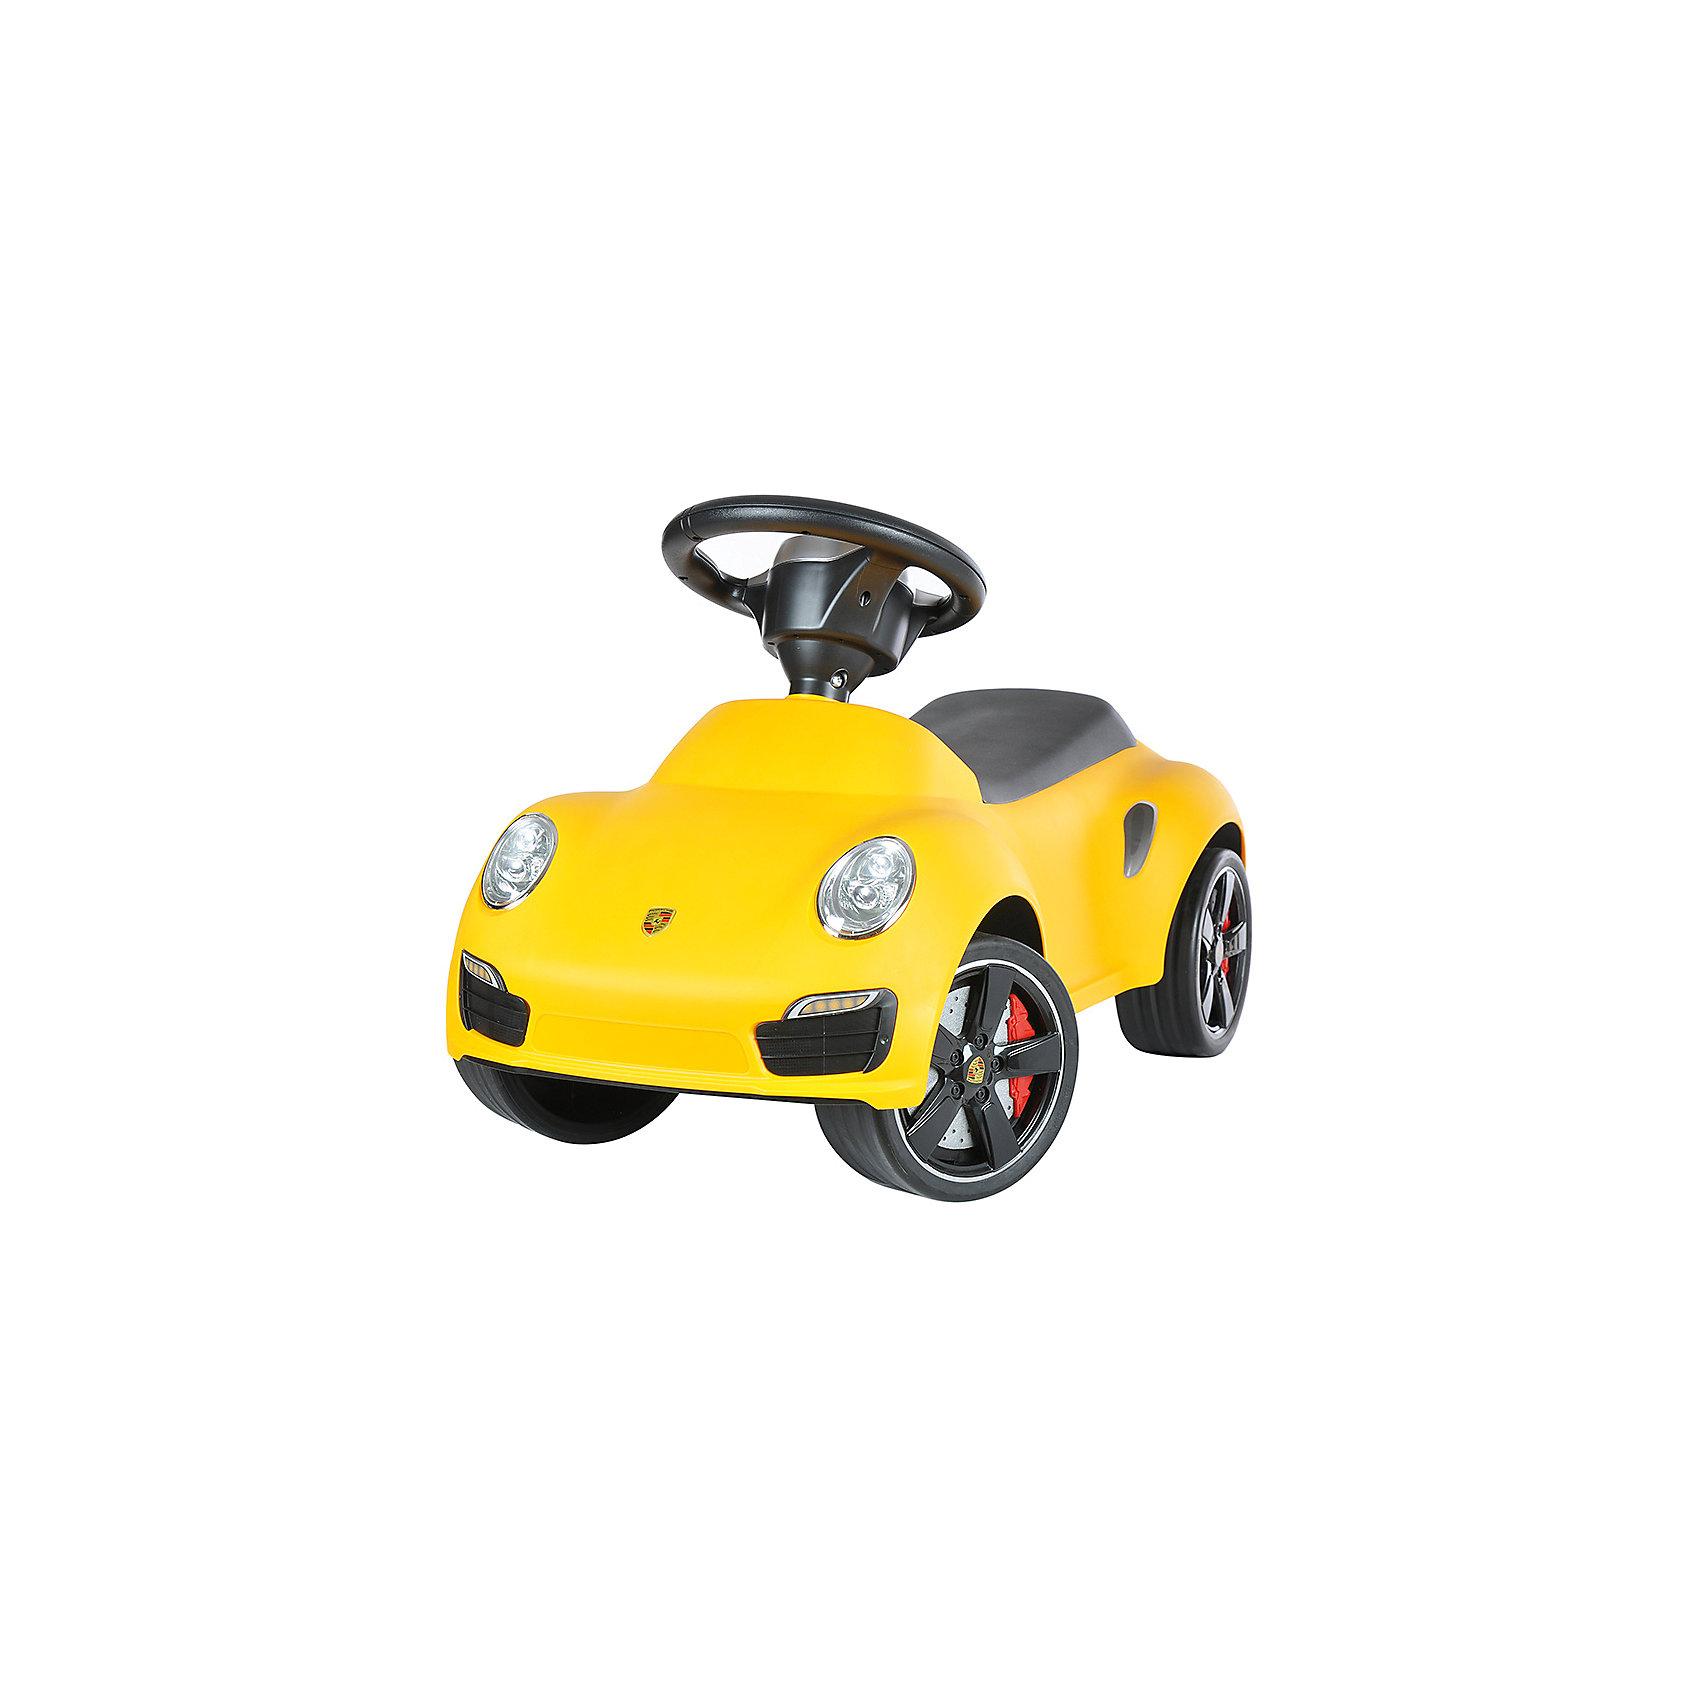 Каталка Porsche 911, желтый, RASTARКаталка Porsche 911, желтый, RASTAR - осчастливьте своего ребенка безопасной детской машиной.<br>Благодаря тому, что каталка имеет устойчивую конструкцию и колеса с поворотом на 90 градусов, она полностью безопасна для ребенка, даже если он любит быструю езду.  На руле есть кнопка для звукового сигнала. Ход машины очень плавный, может ездить вперед и назад. Есть вместительный багажник для игрушек или вещей, под сиденьем. Машина сделана под марку «Porsche».<br><br>Дополнительная информация:<br><br>- размер: 65 ? 35 ? 30 см<br>- вес: 2,7 кг<br>- возраст: от 1 до 3 лет<br>- максимальный вес: до 30 кг<br>- цвет: желтый<br><br>Каталку Porsche 911, желтый, RASTAR можно купить в нашем интернет магазине.<br><br>Ширина мм: 650<br>Глубина мм: 350<br>Высота мм: 300<br>Вес г: 3800<br>Возраст от месяцев: 12<br>Возраст до месяцев: 36<br>Пол: Унисекс<br>Возраст: Детский<br>SKU: 4995163